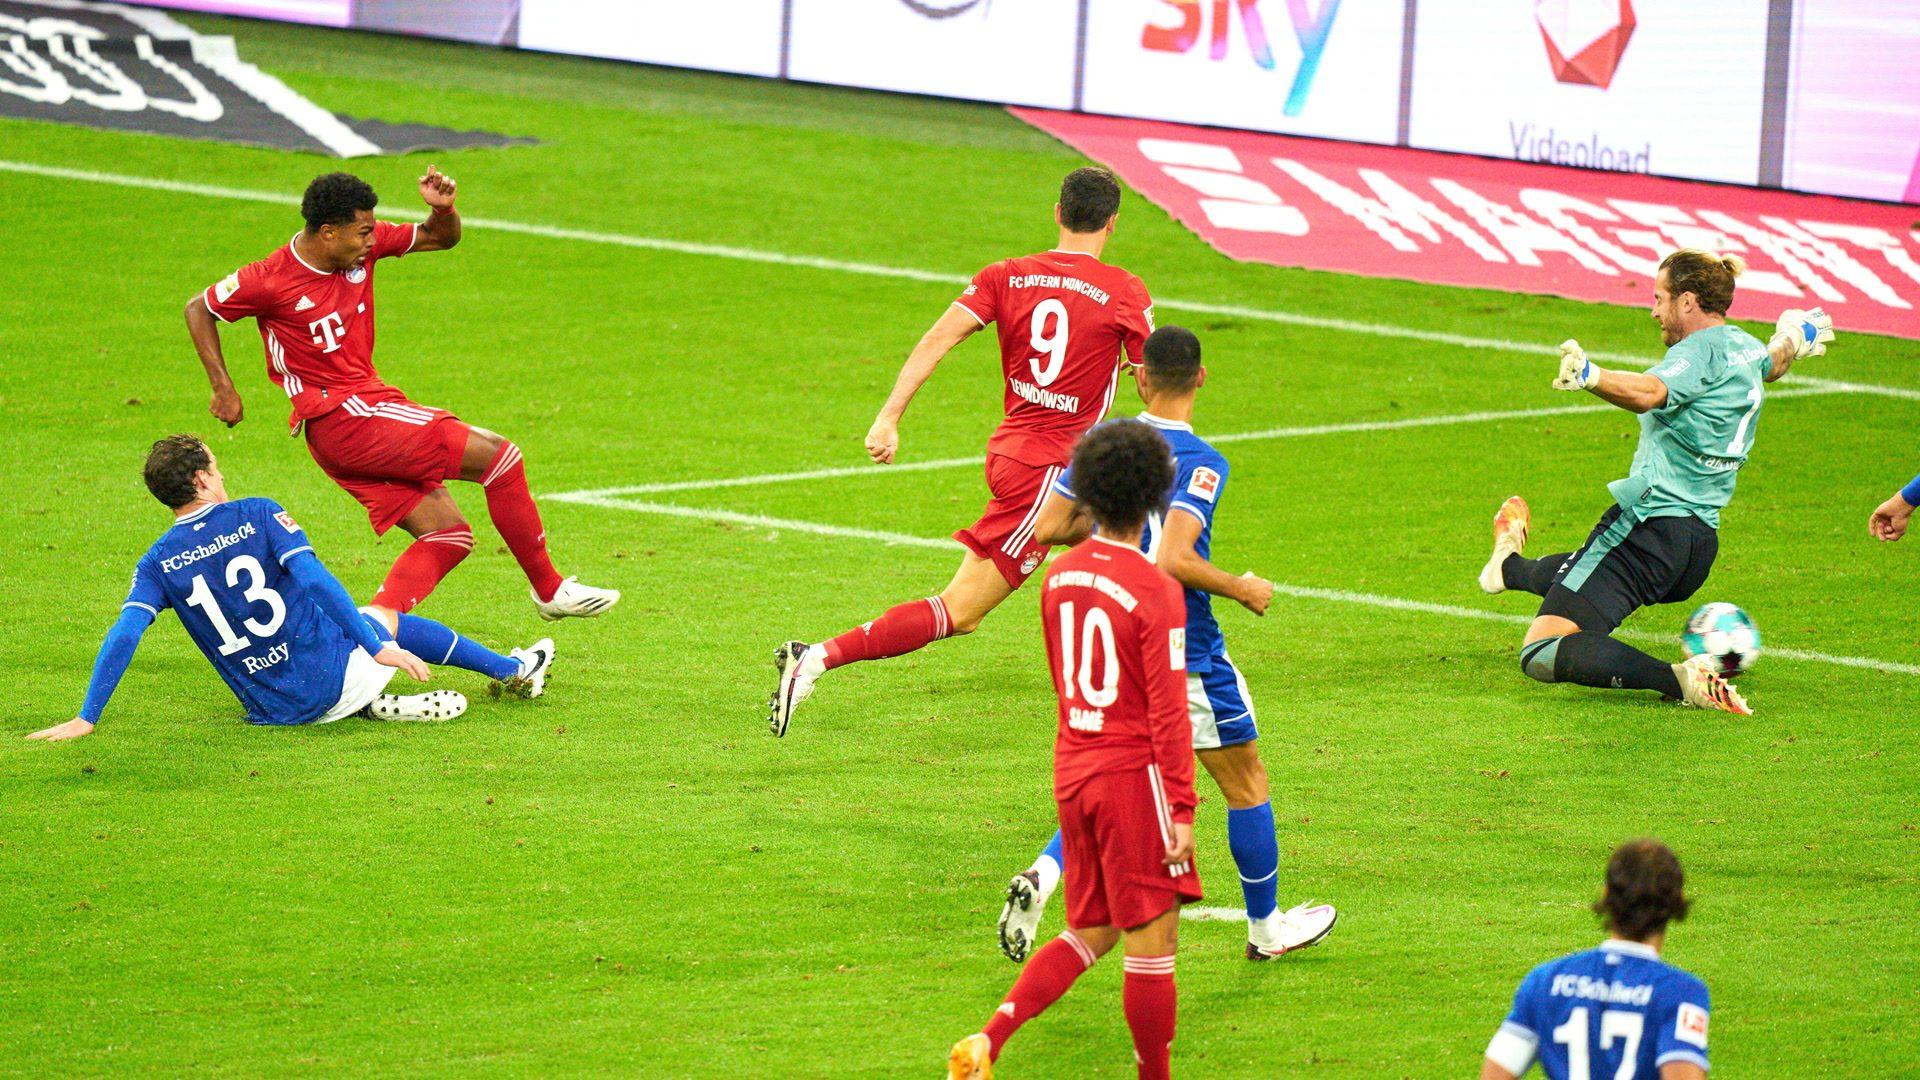 8:0-Kantersieg für die Bayern gegen Schalke